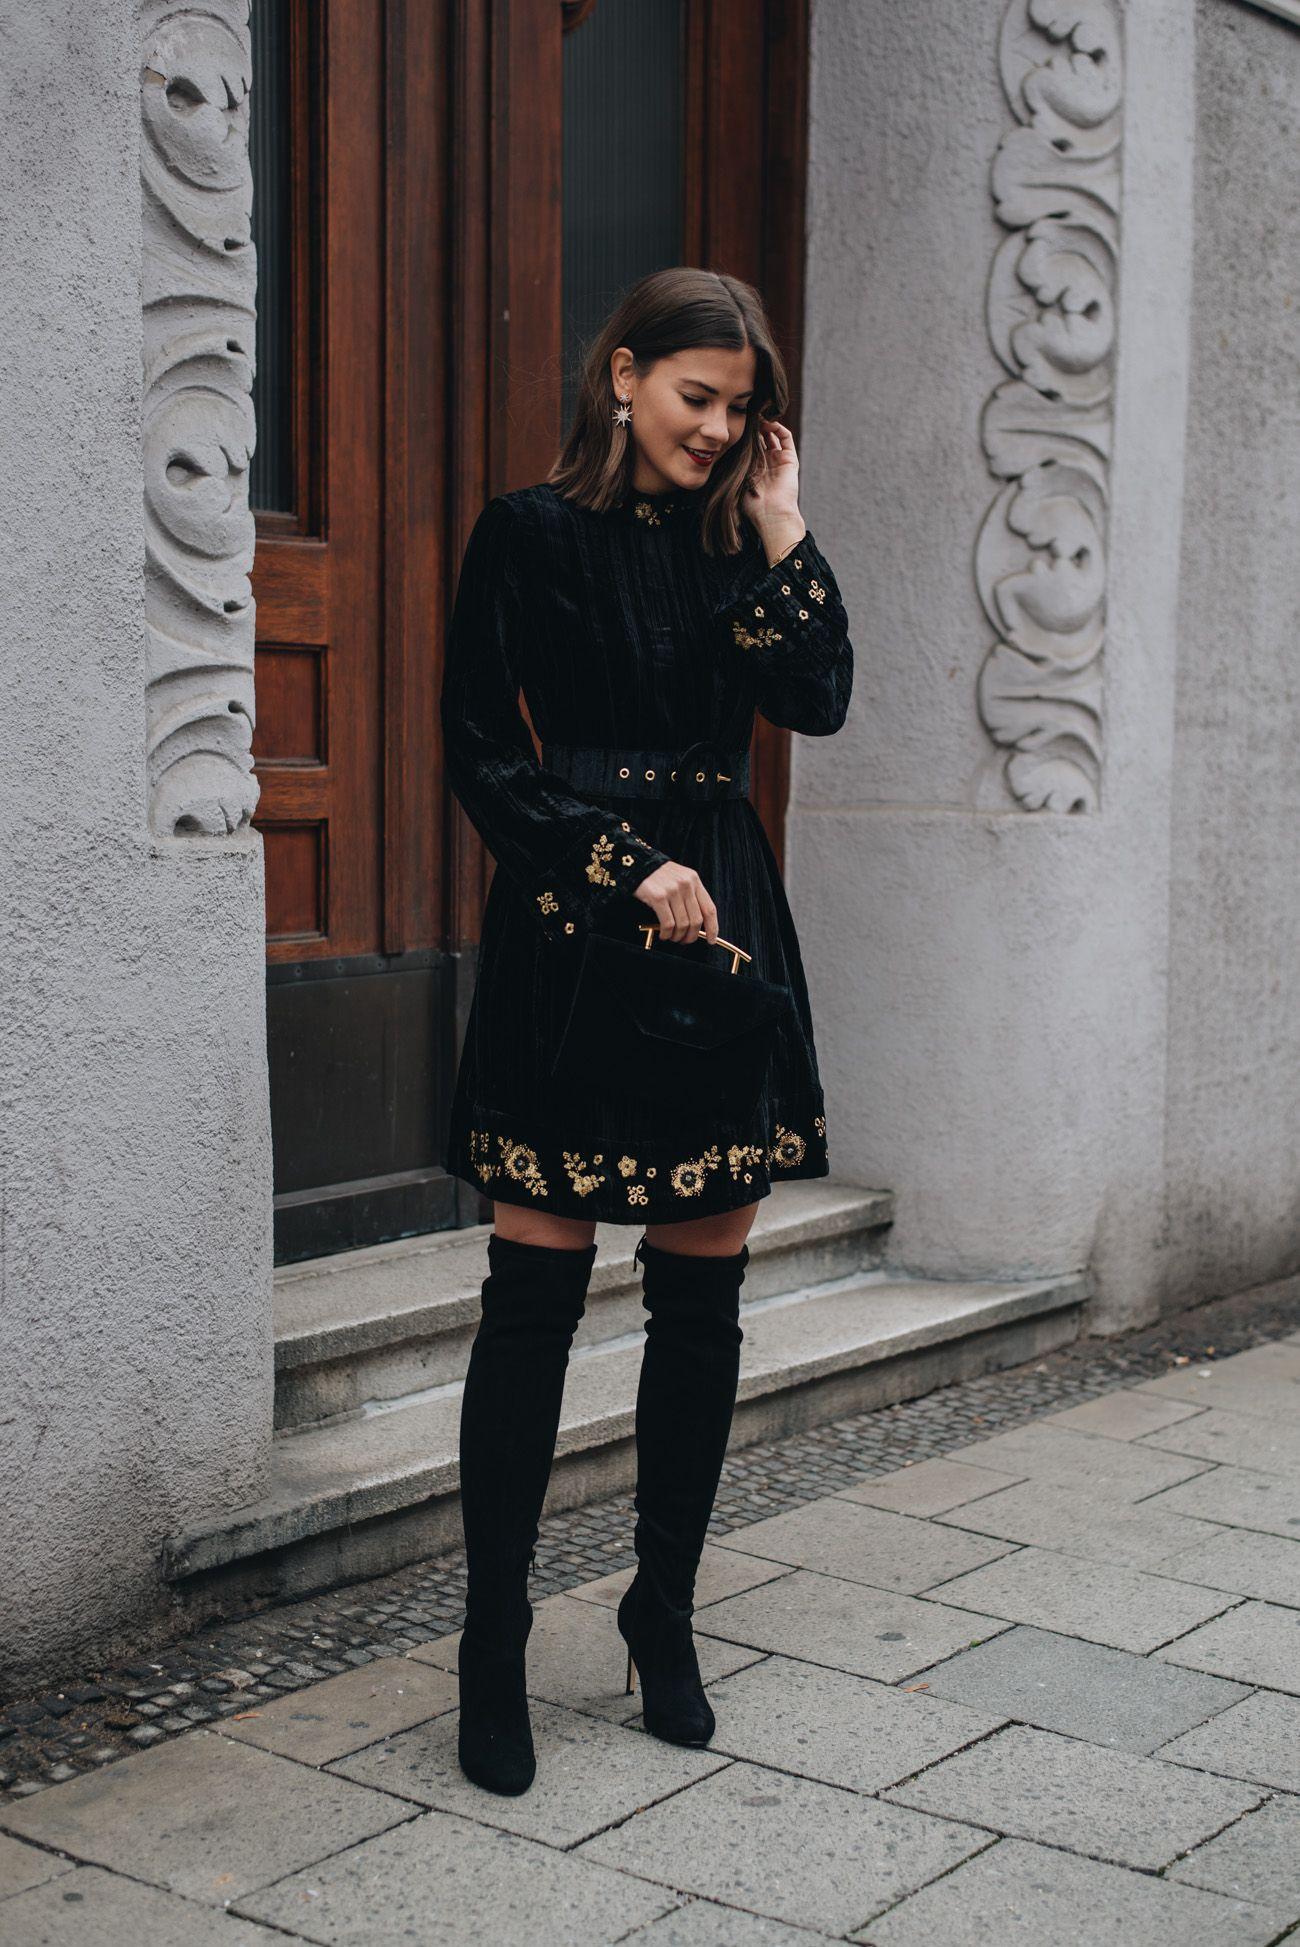 Schwarze Overknee Stiefel aus Samt kombinieren (4